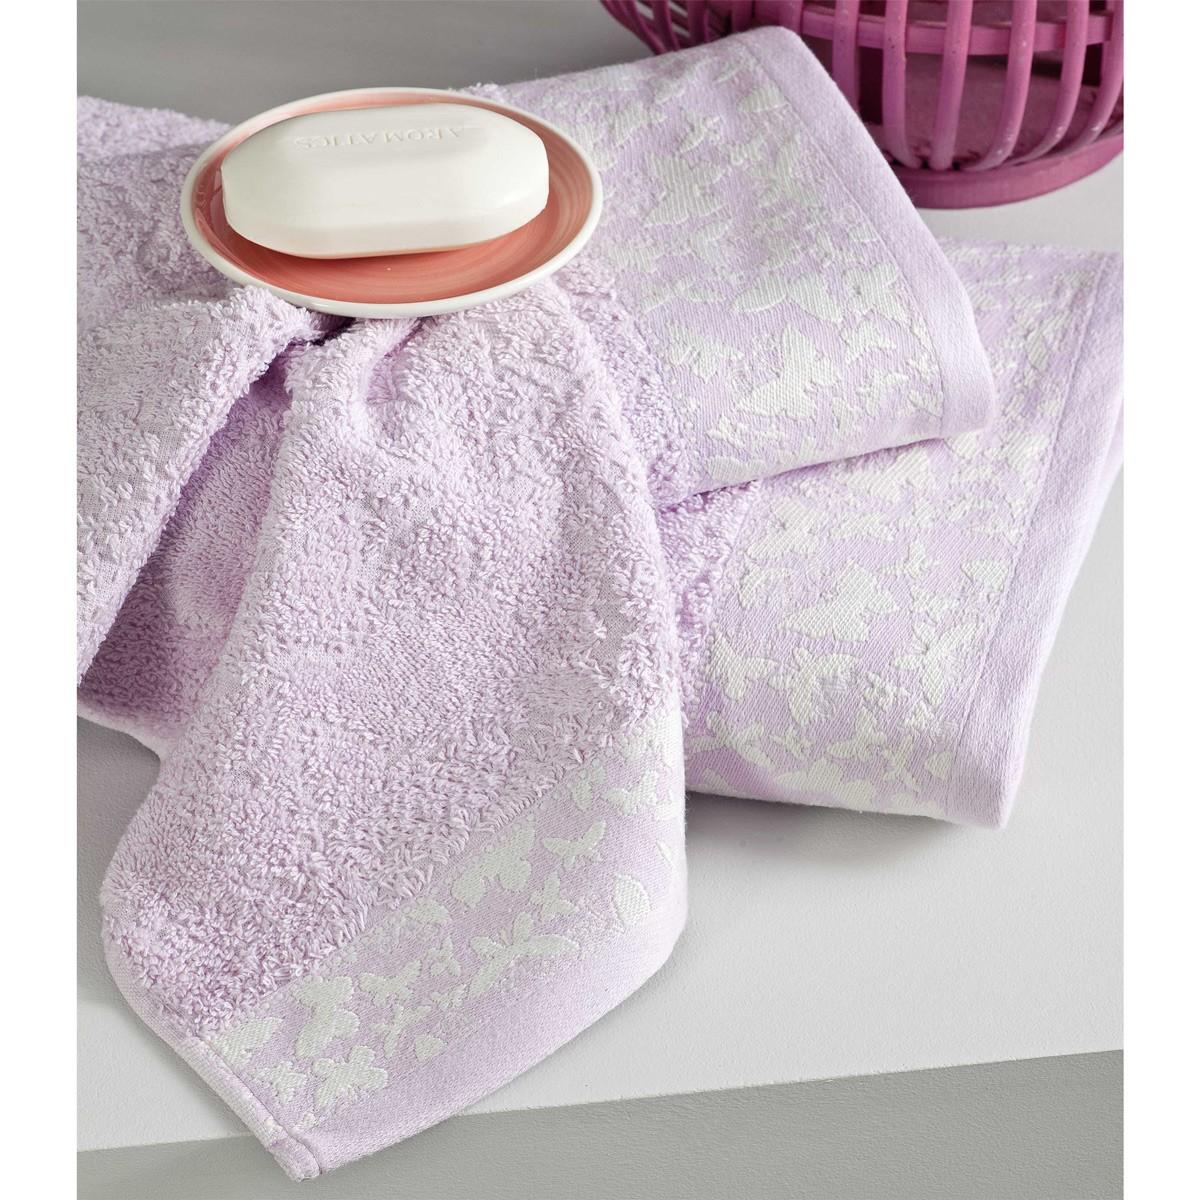 Πετσέτες Χεριών (Σετ 4τμχ) Nima Towels Farfatte